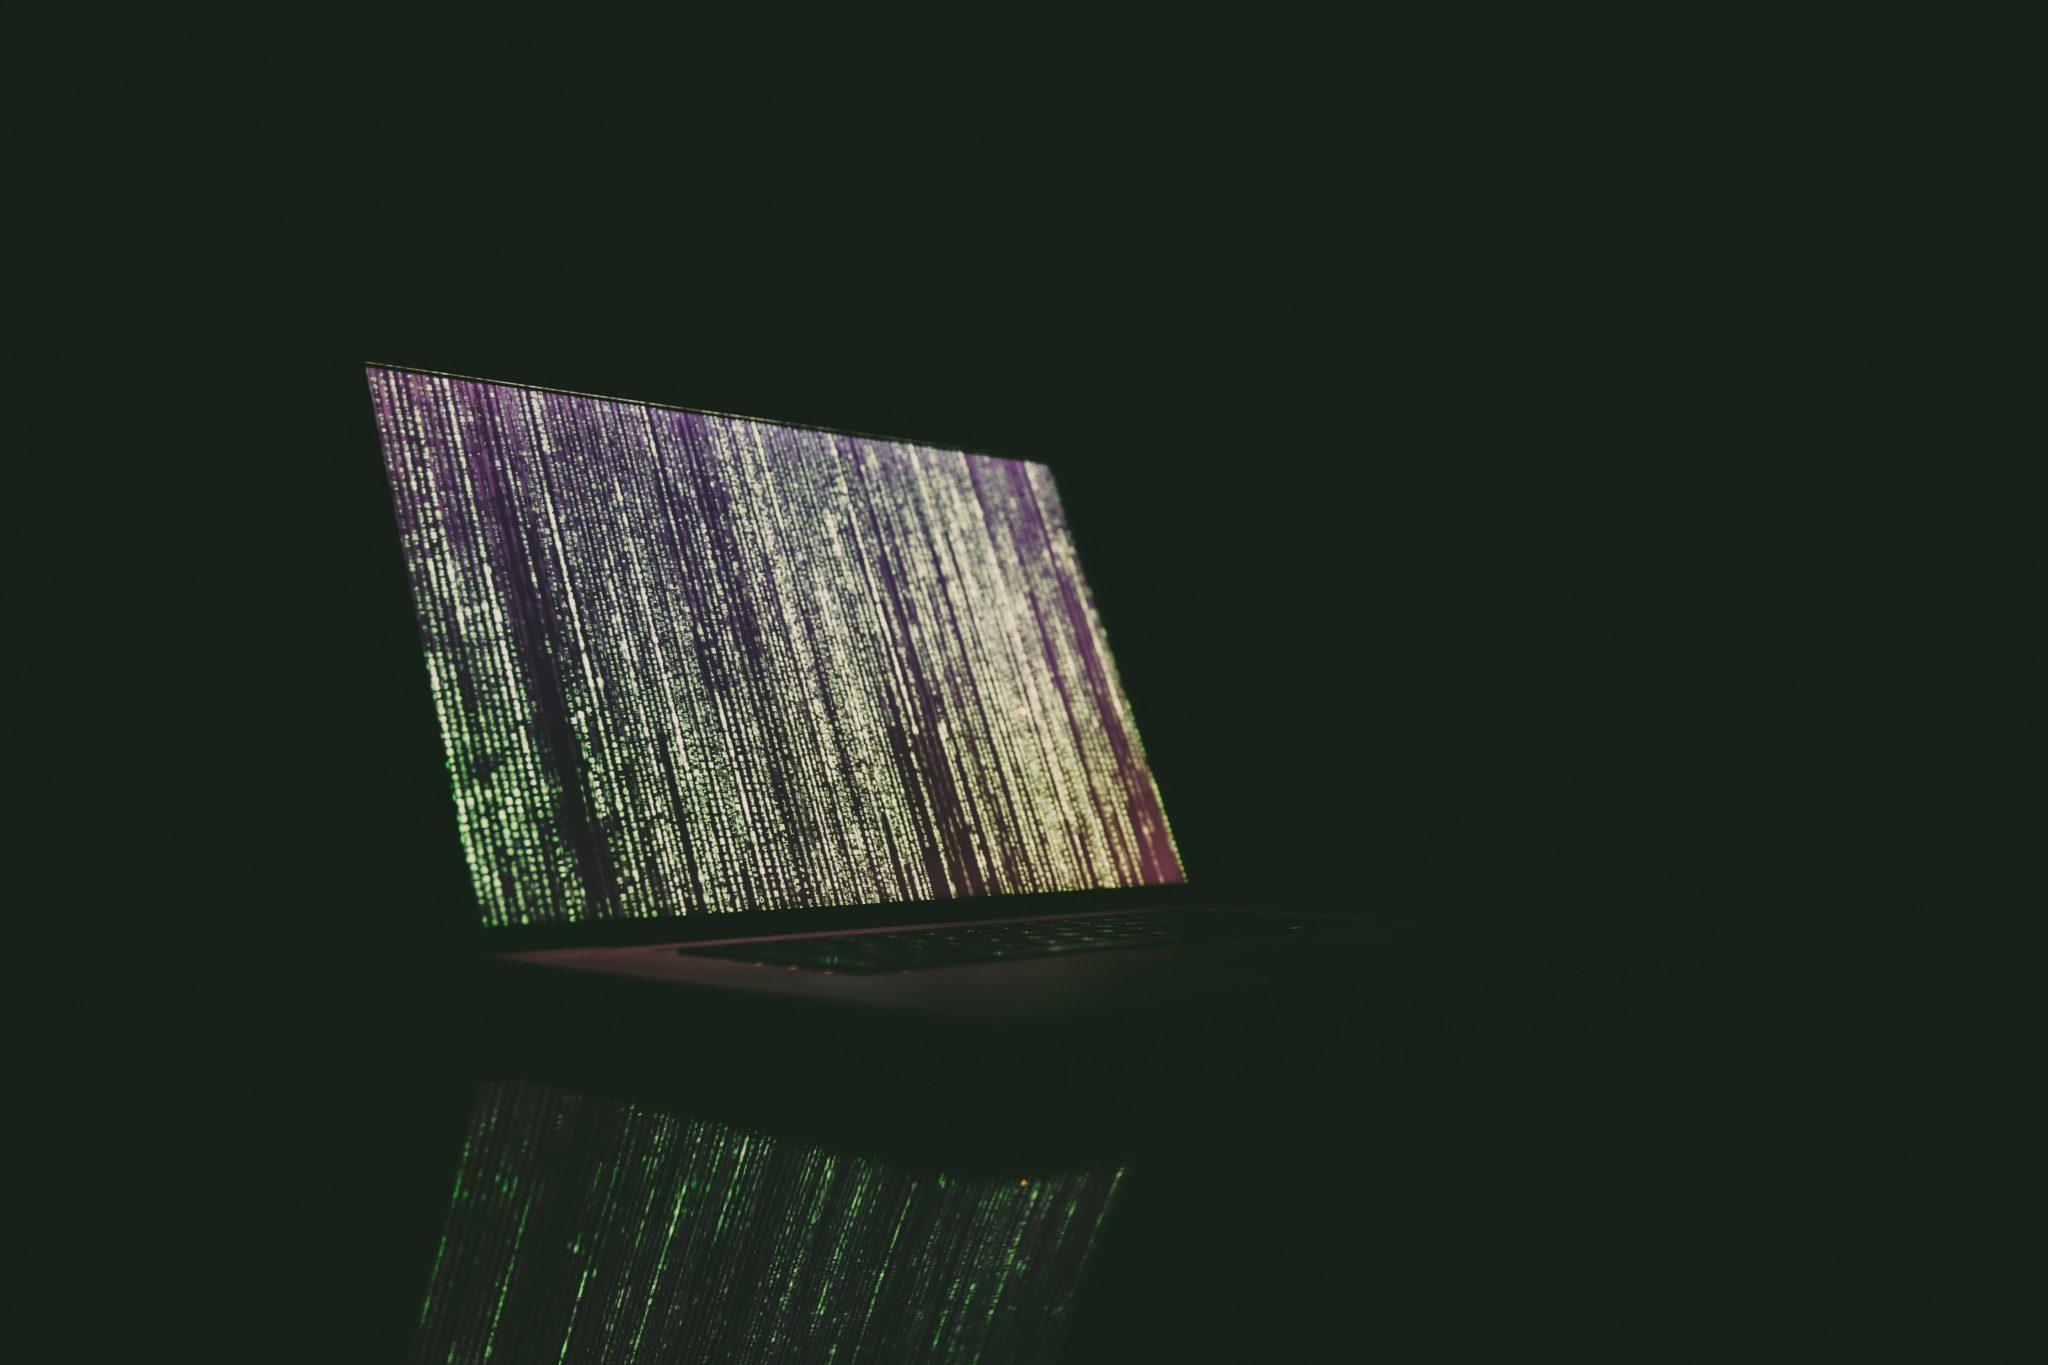 Laptop mit vielen vertikalen grünen Zeichenreihen auf dem Bildschirm in dunklem Raum.